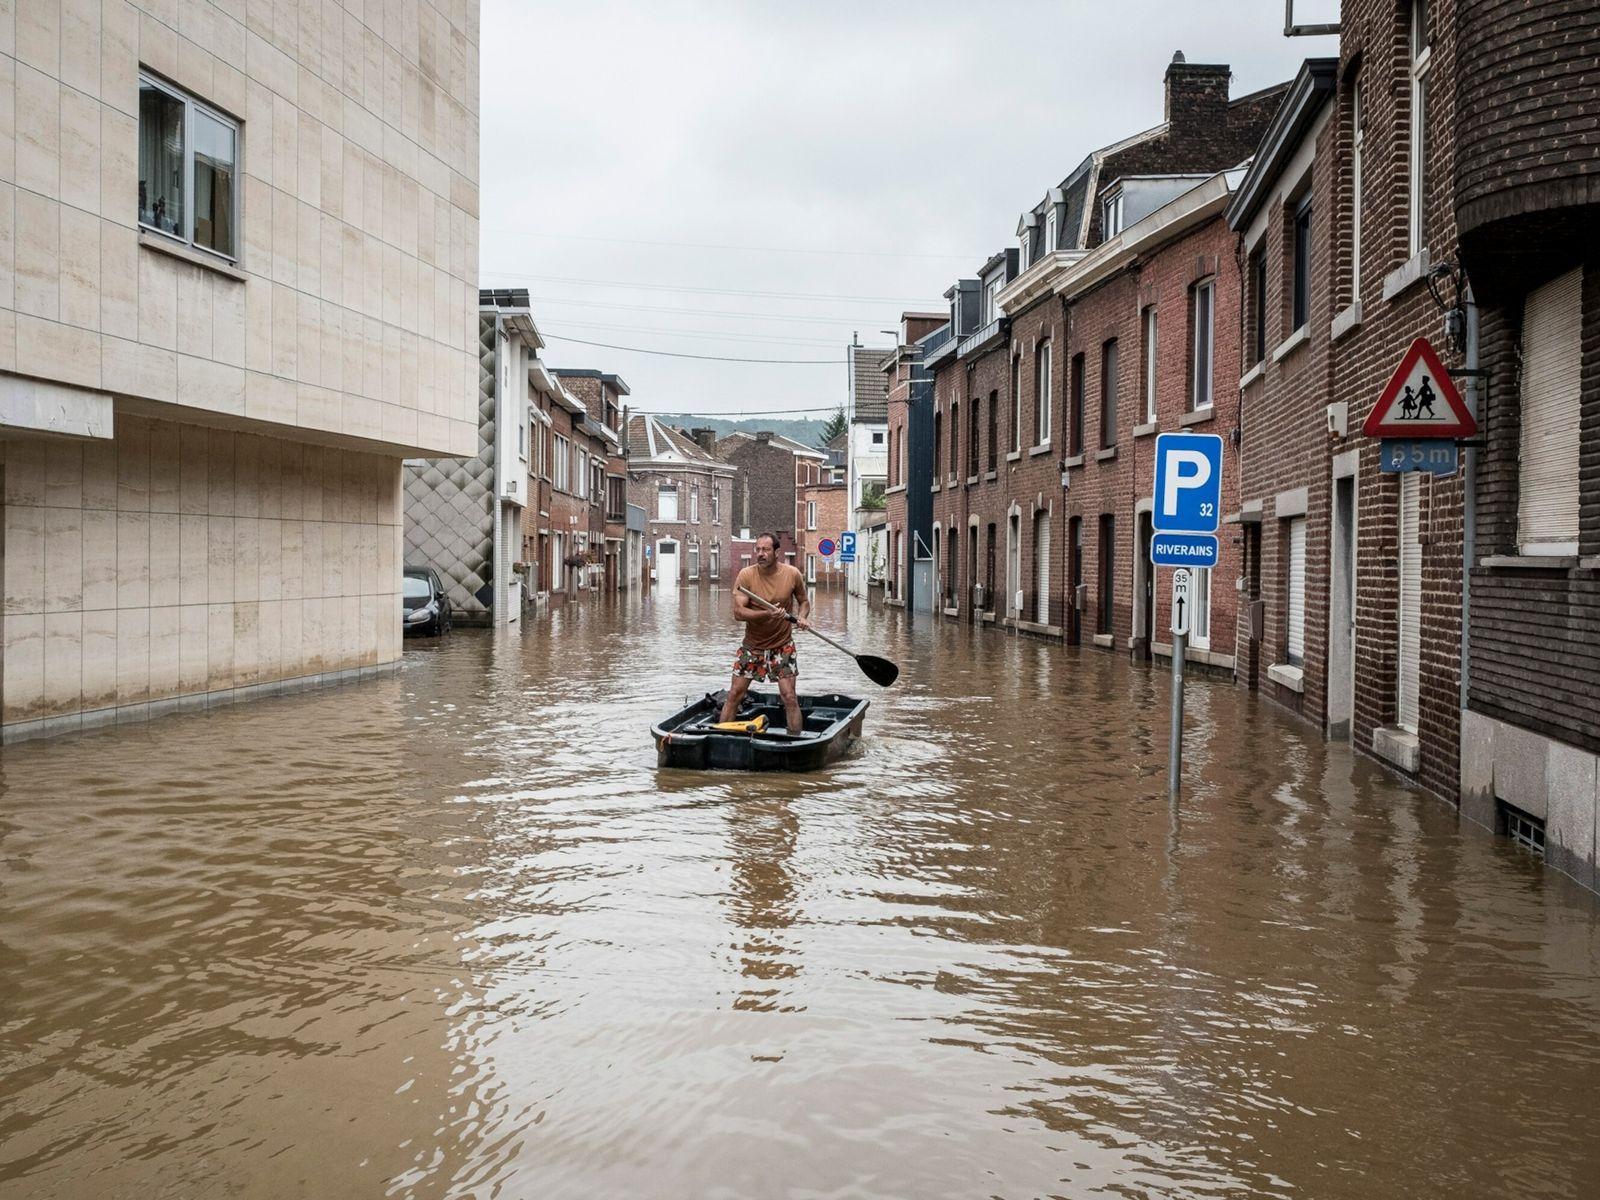 Calle residencial inundada en Bélgica